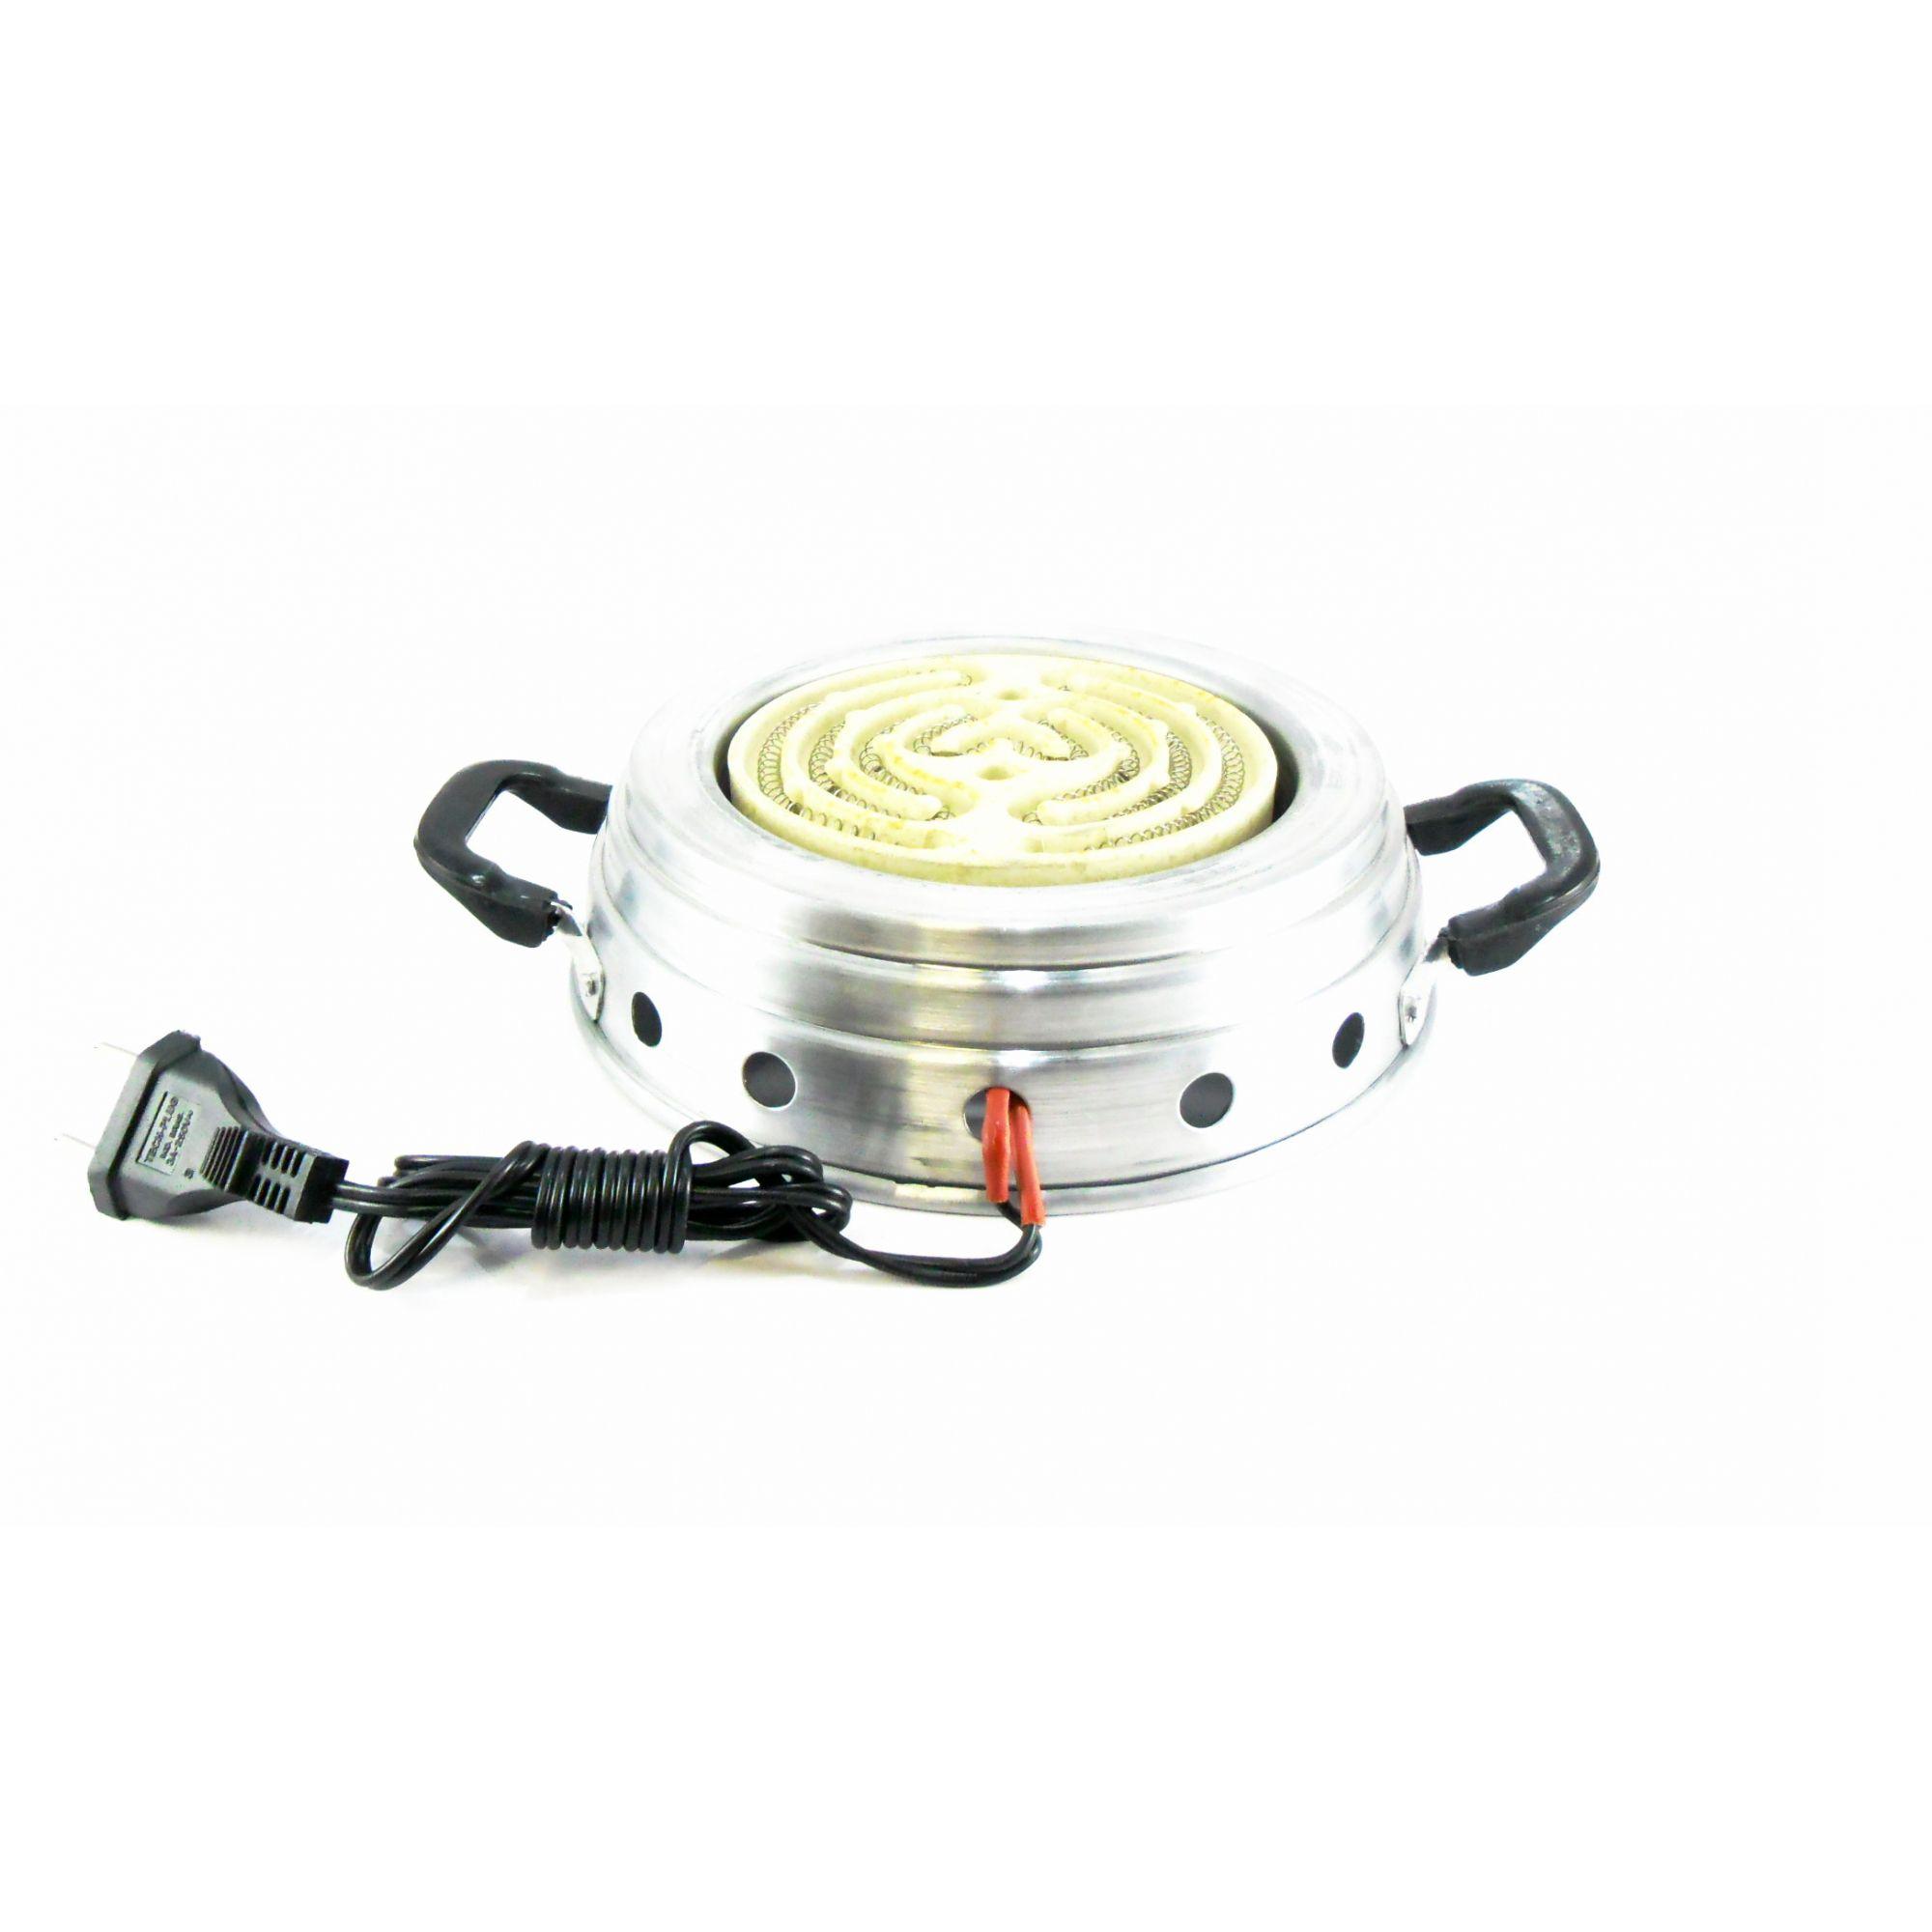 2 KITS COM: Narguile completo JUDITH 33cm, fogareiro, pinça, controlador de calor e carvão 1kg.